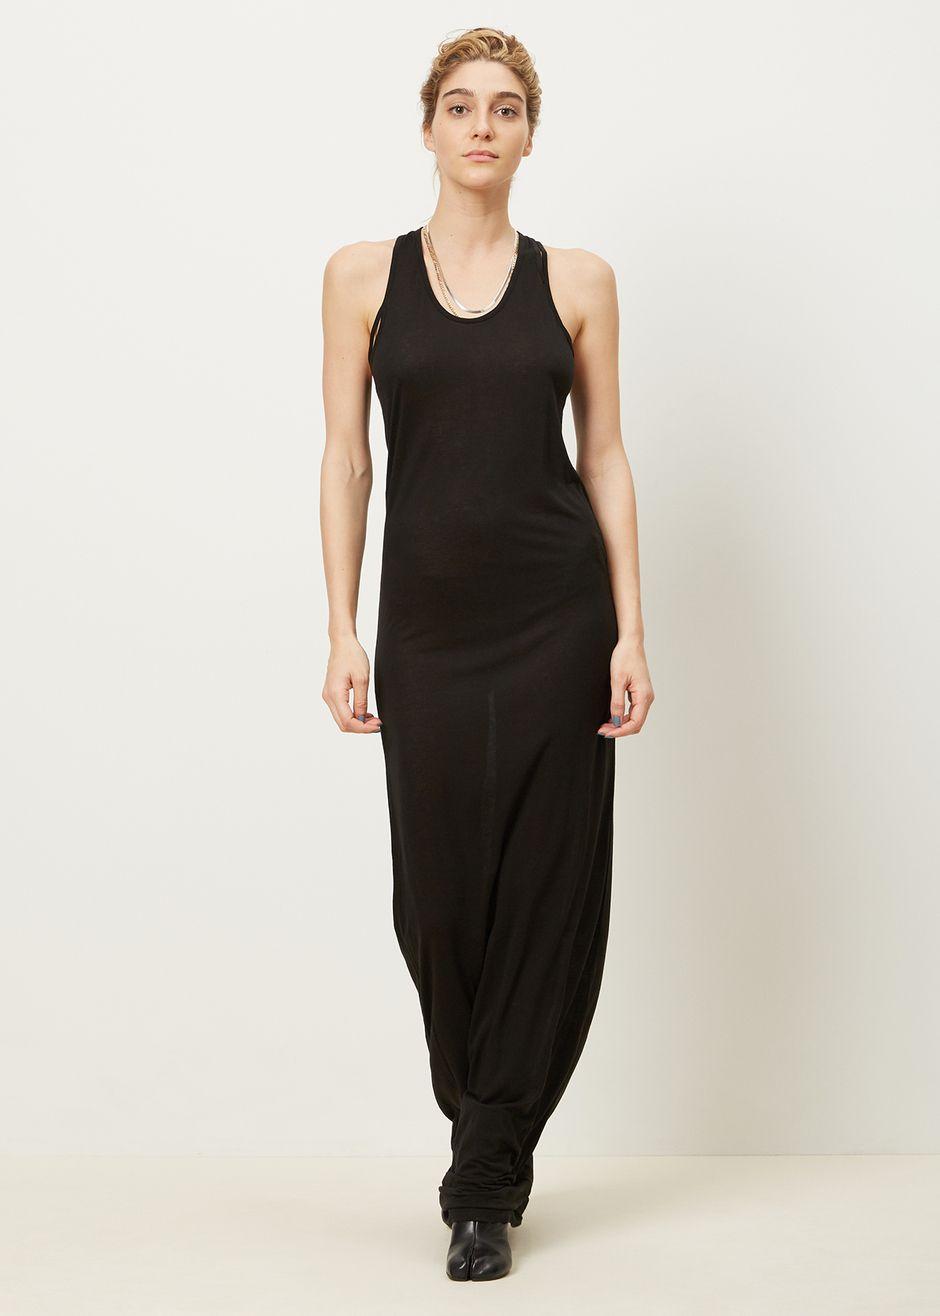 Sally Dress by Ann Demeulemeester